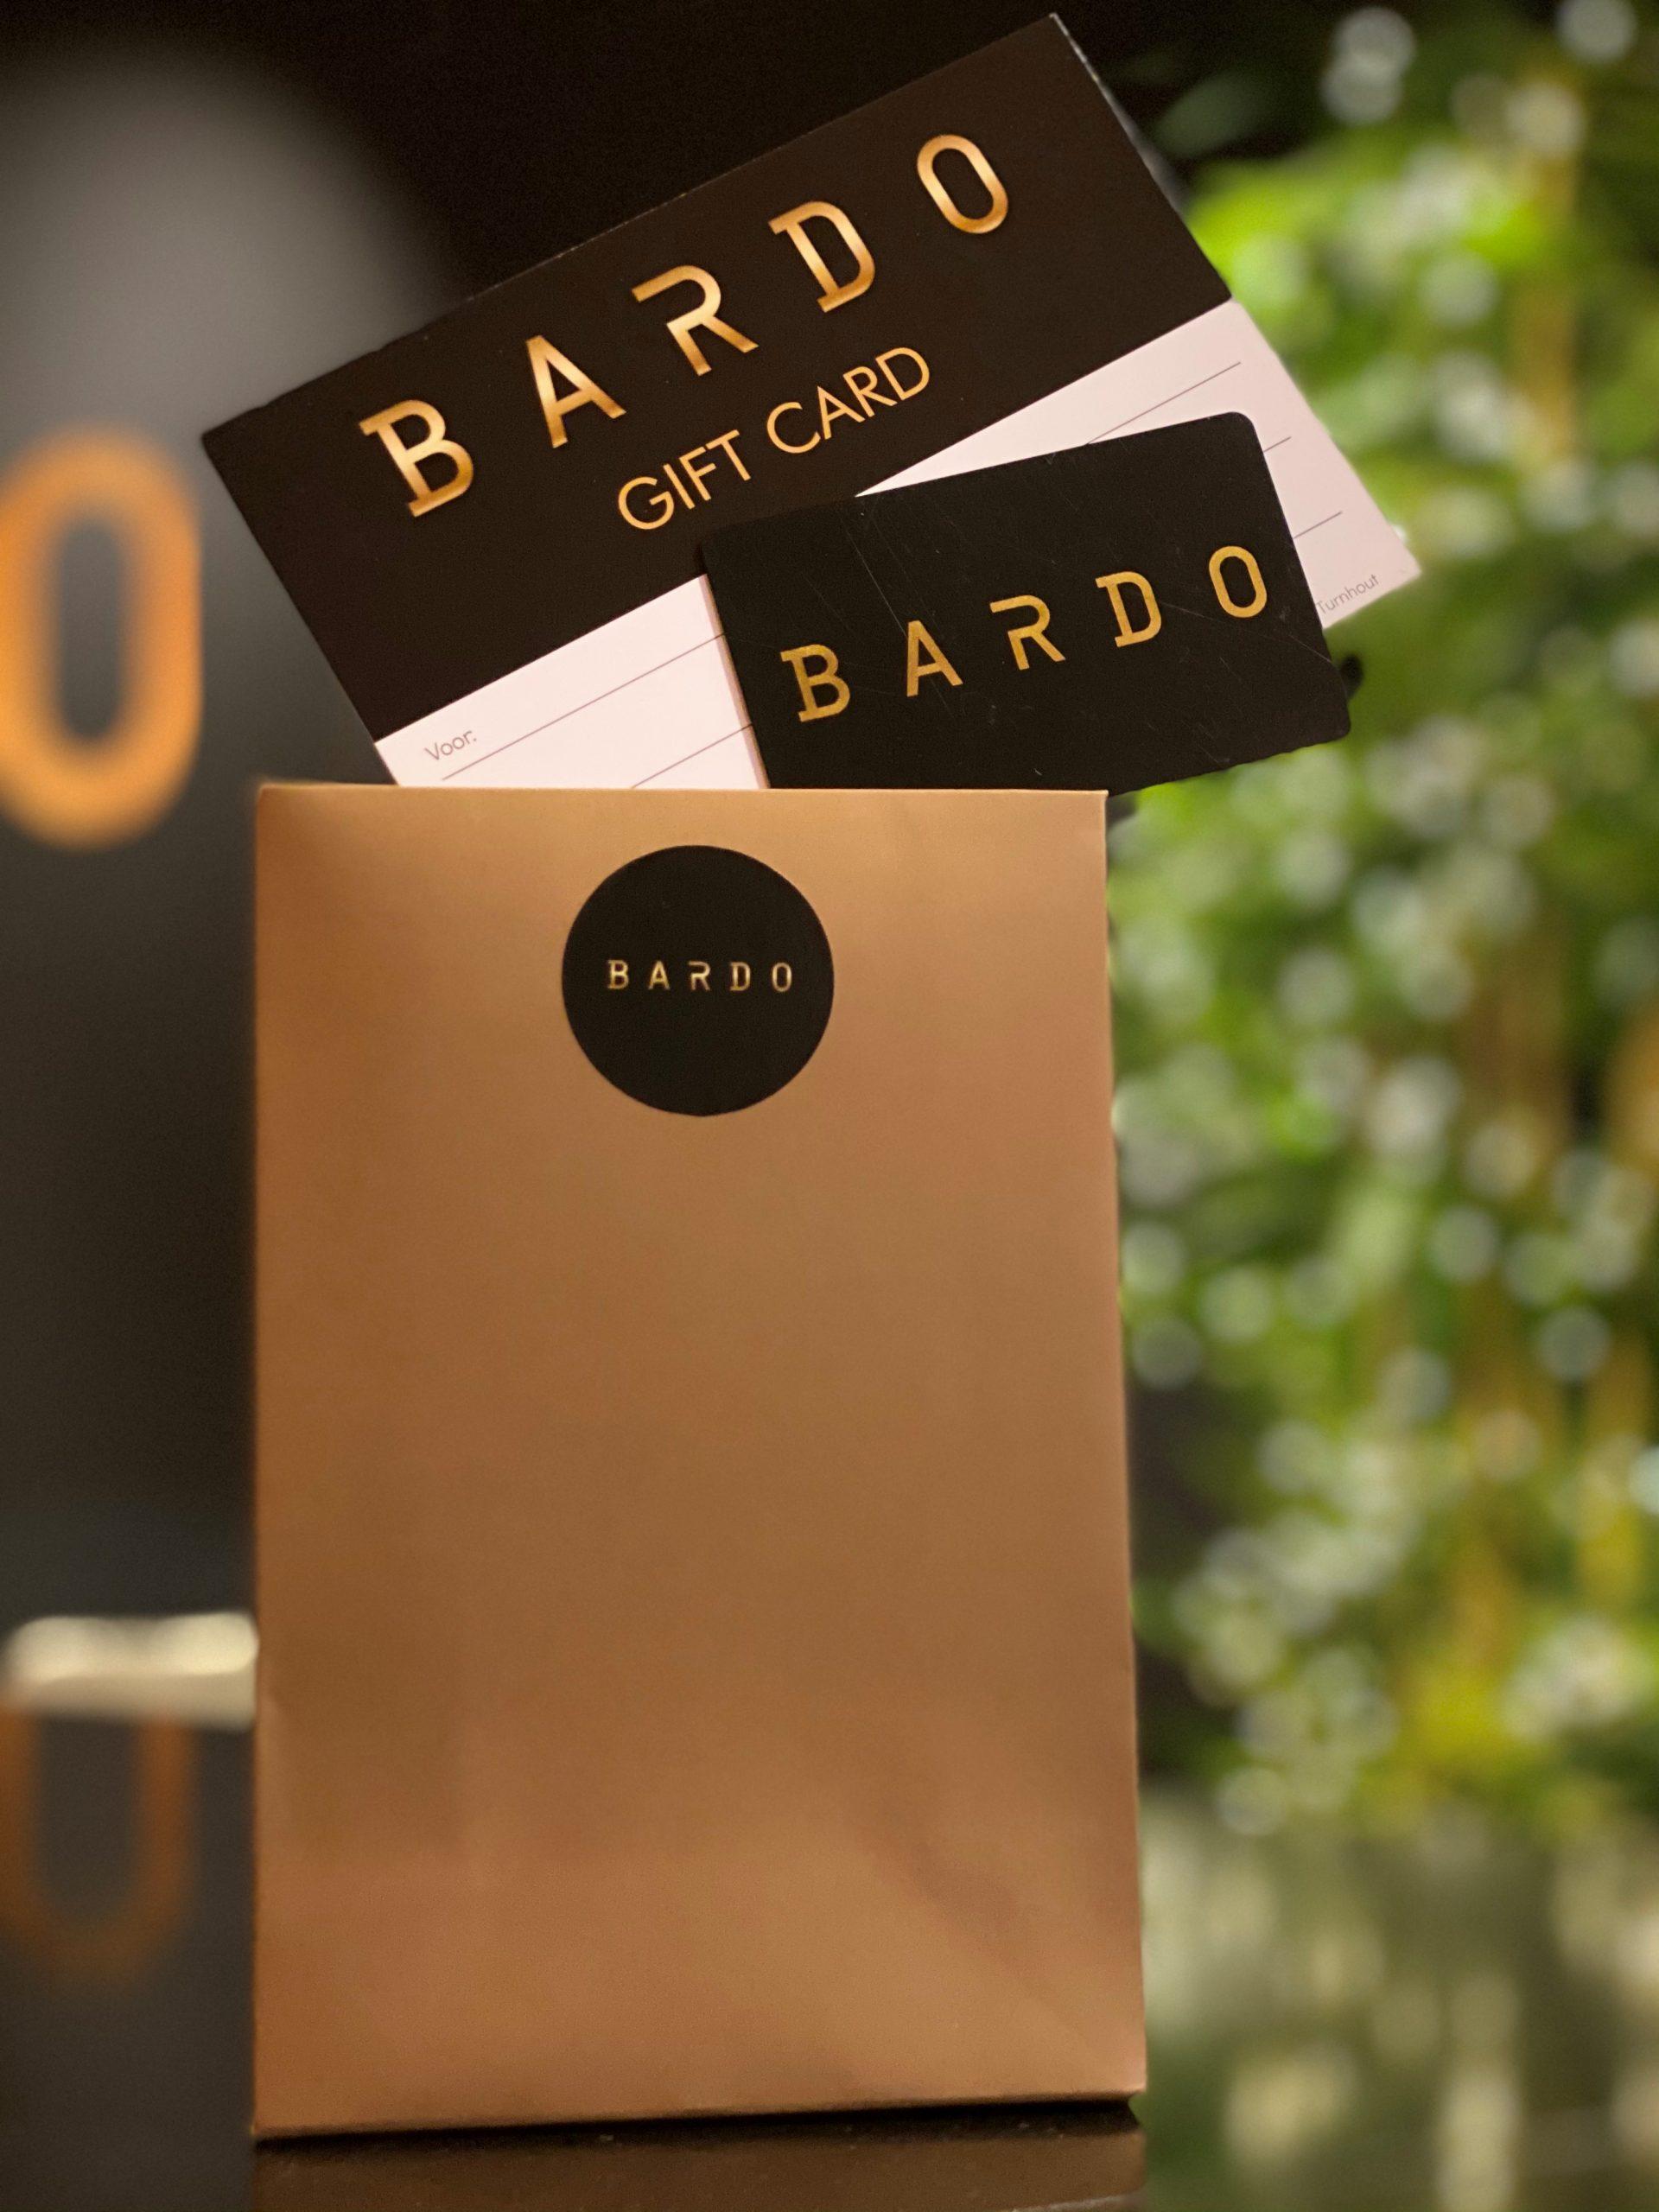 Brasserie cadeaubon - Bardo Turnhout